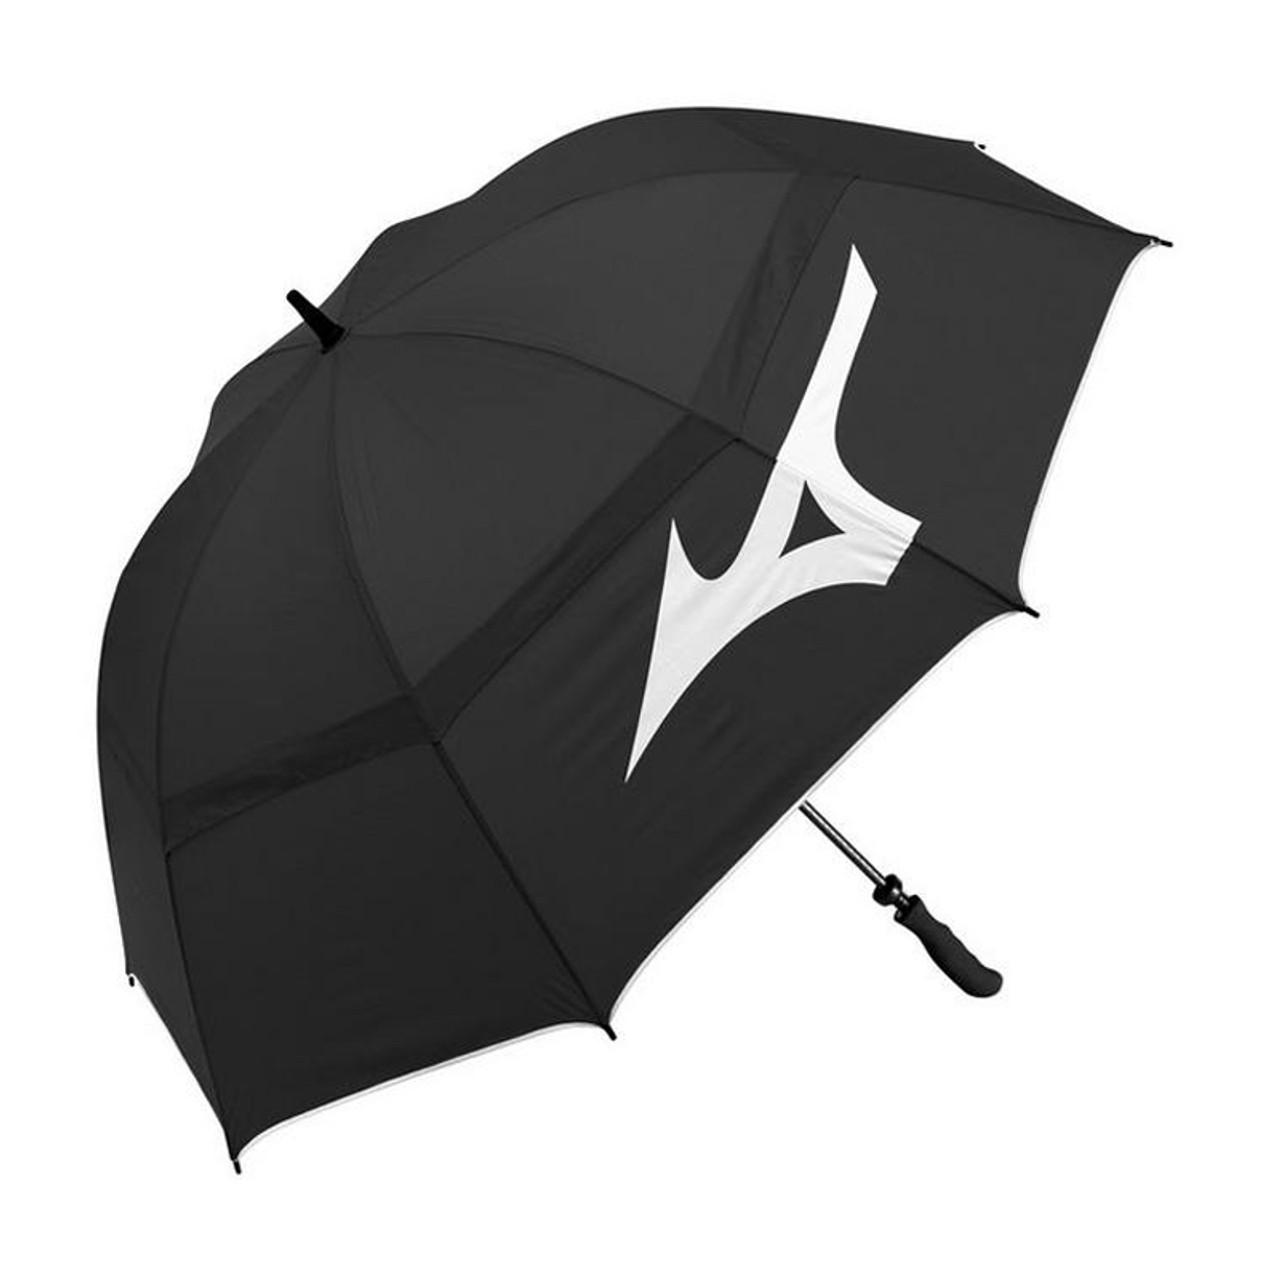 Mizuno Dual Canopy Umbrella- Black / White